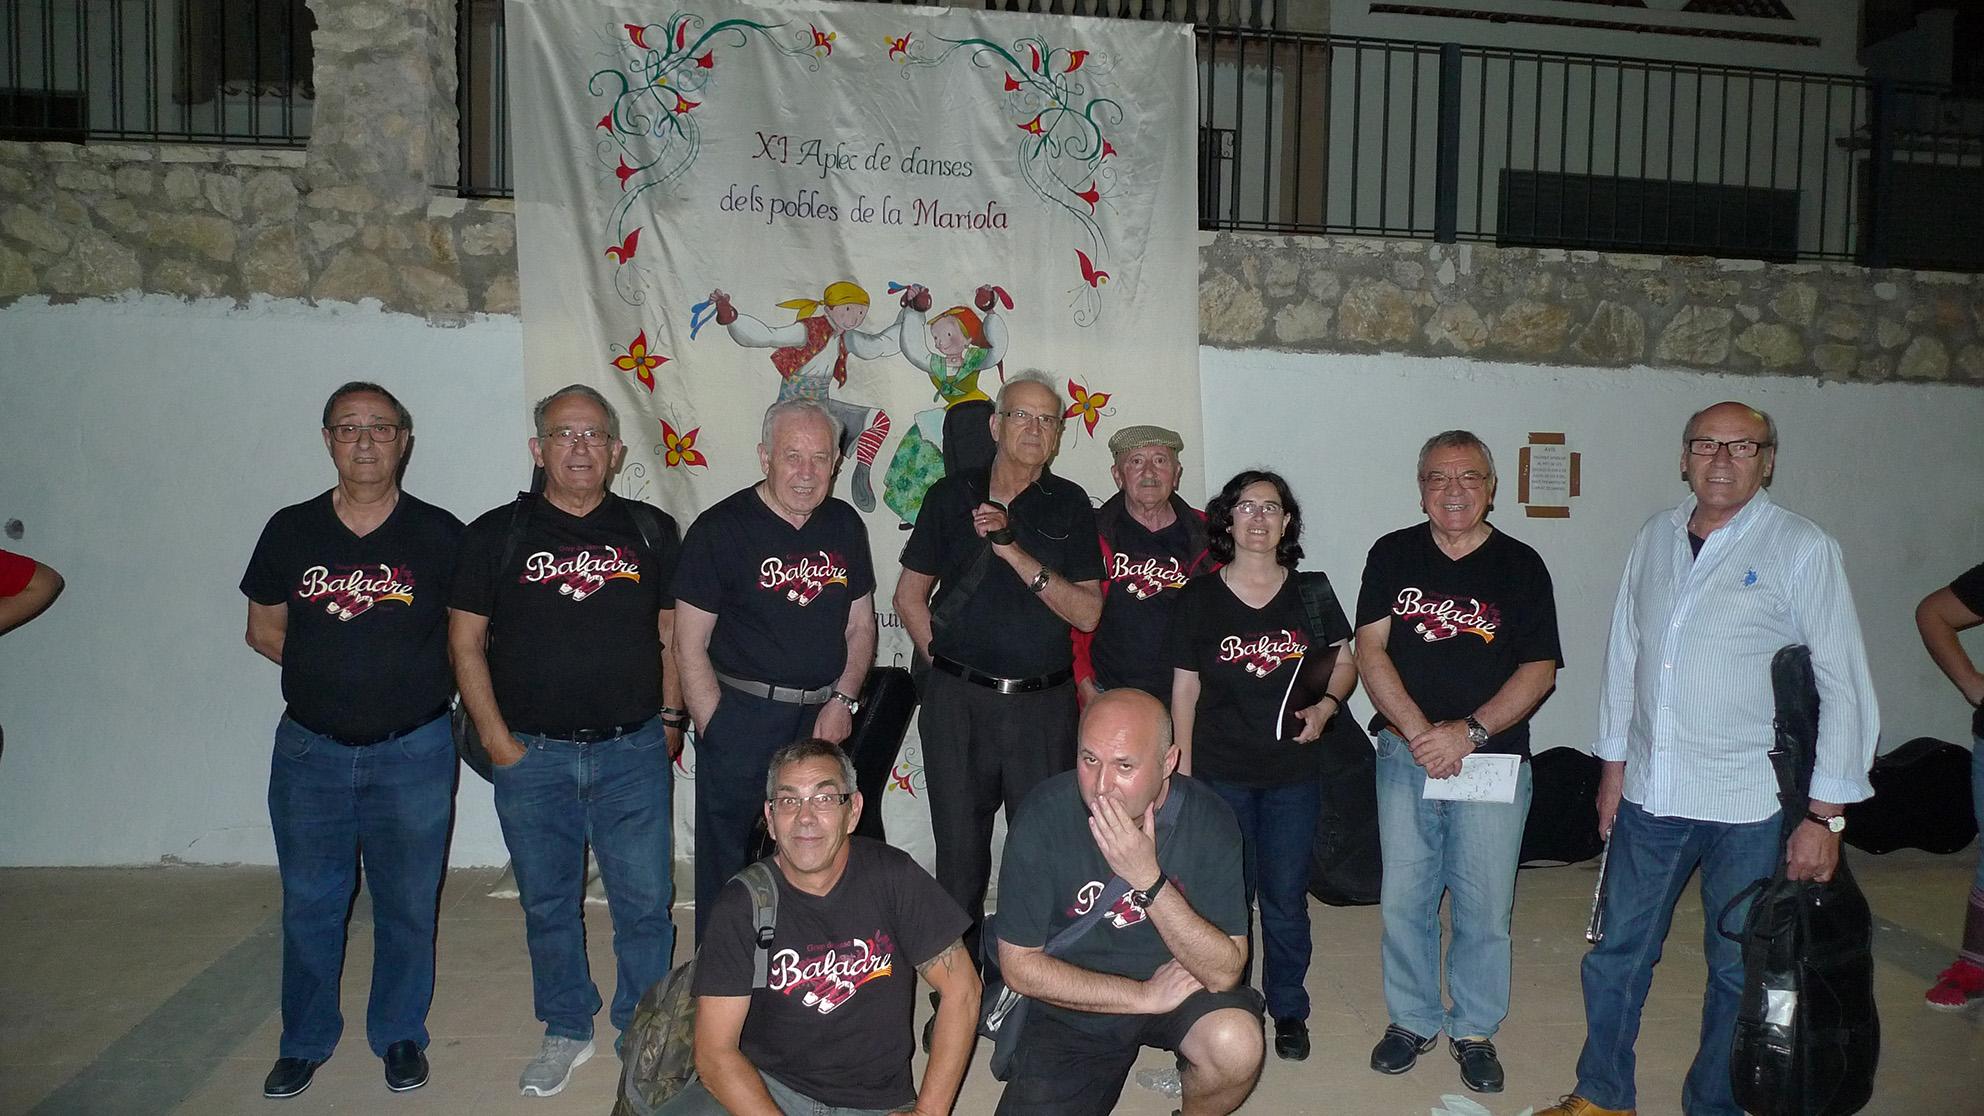 2015-07-04 AplecMariolaPenaguila (93)